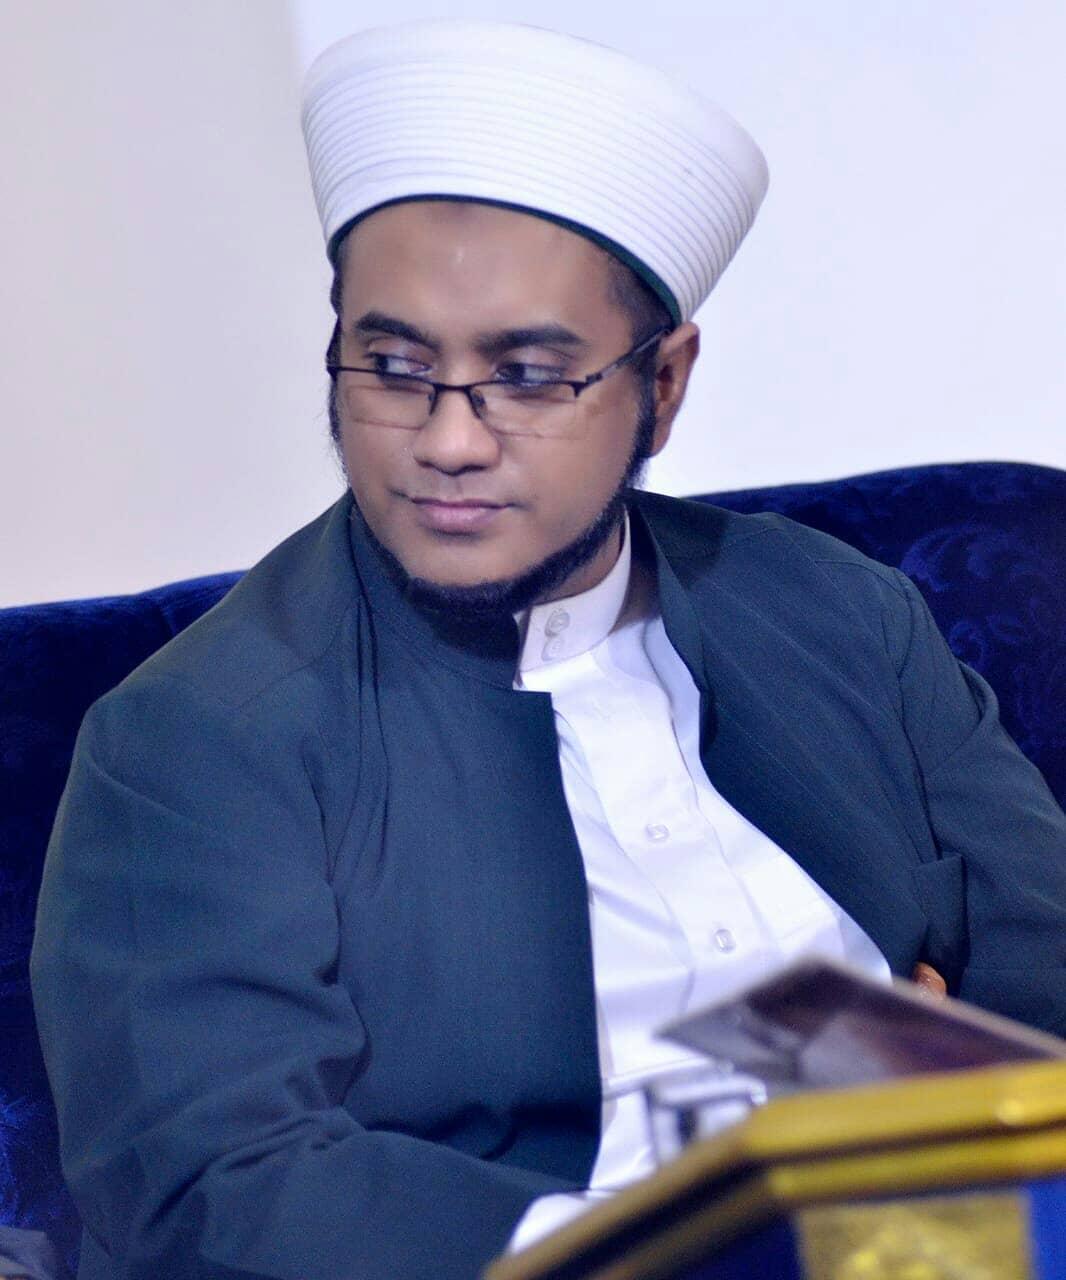 Download Wallpaper Habib Hasan 2702218